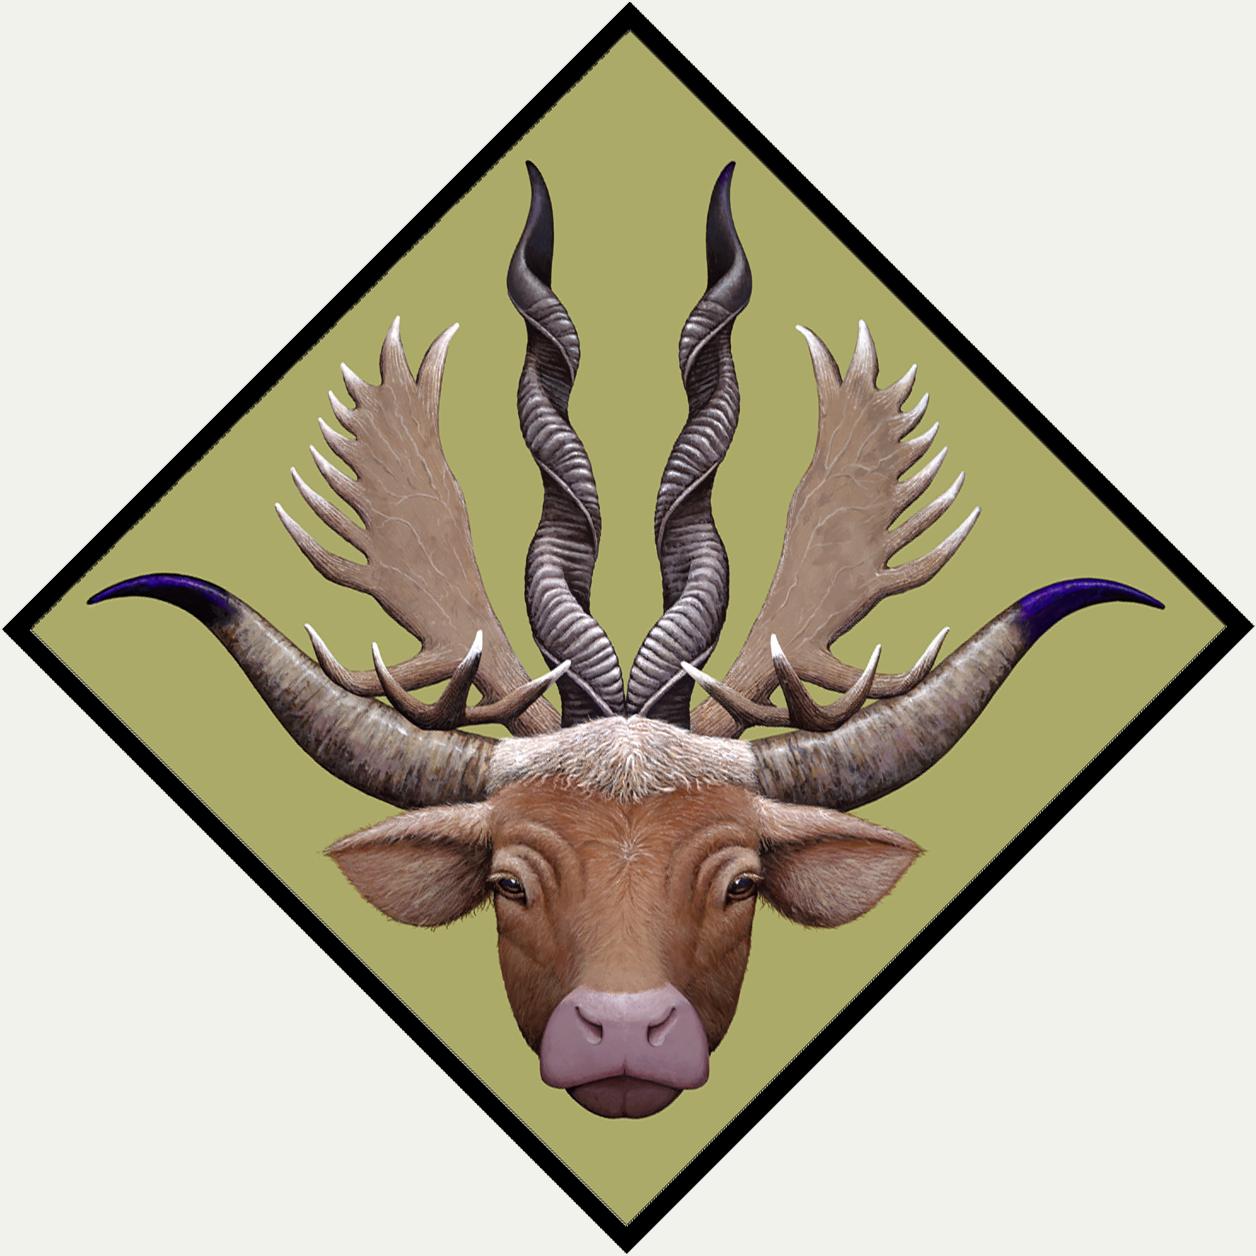 SWISS COW TROPHY